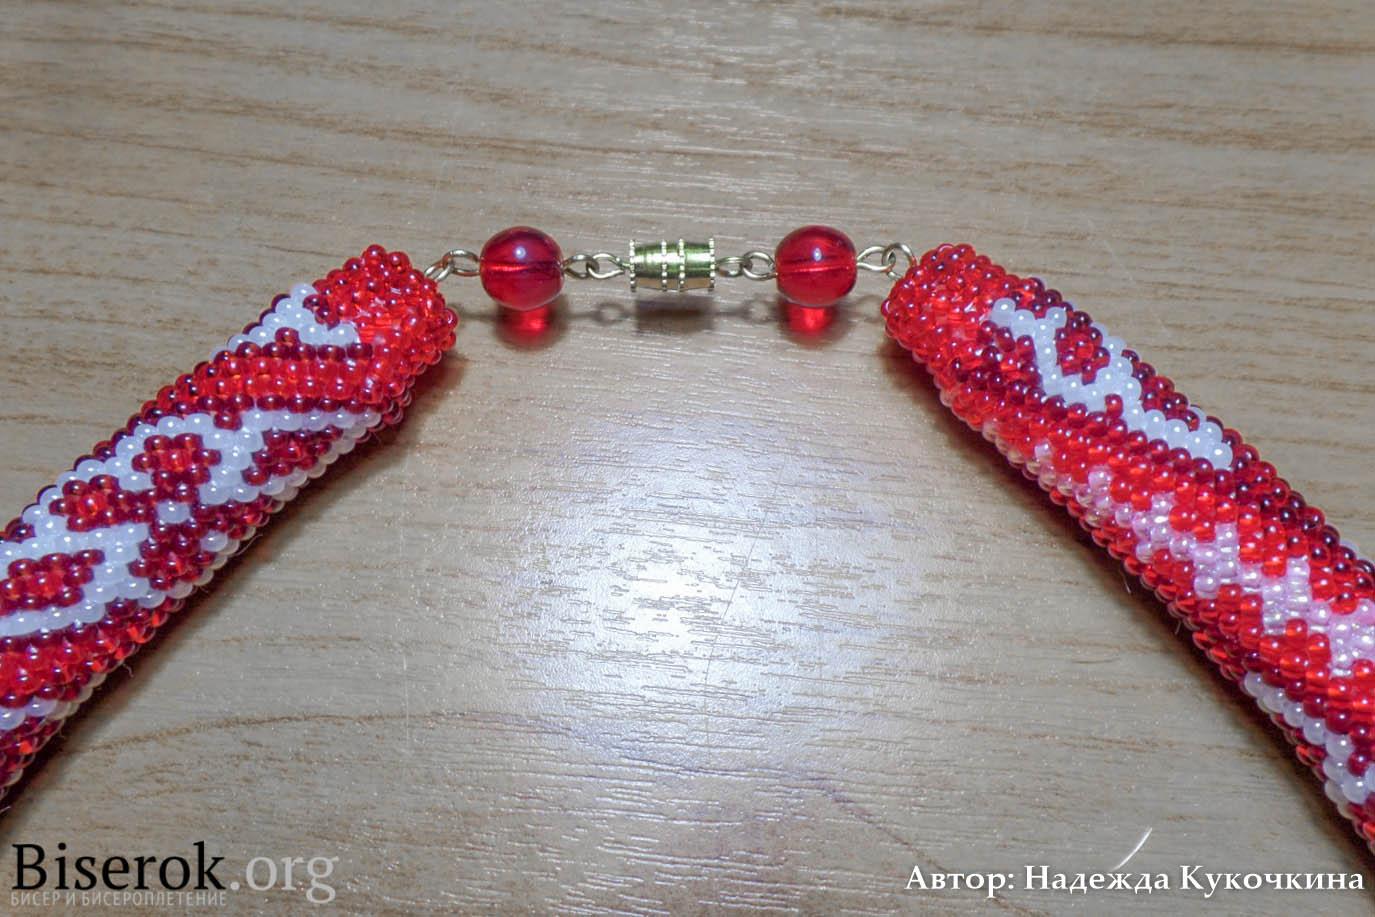 Концевик для жгута из бисера своими руками